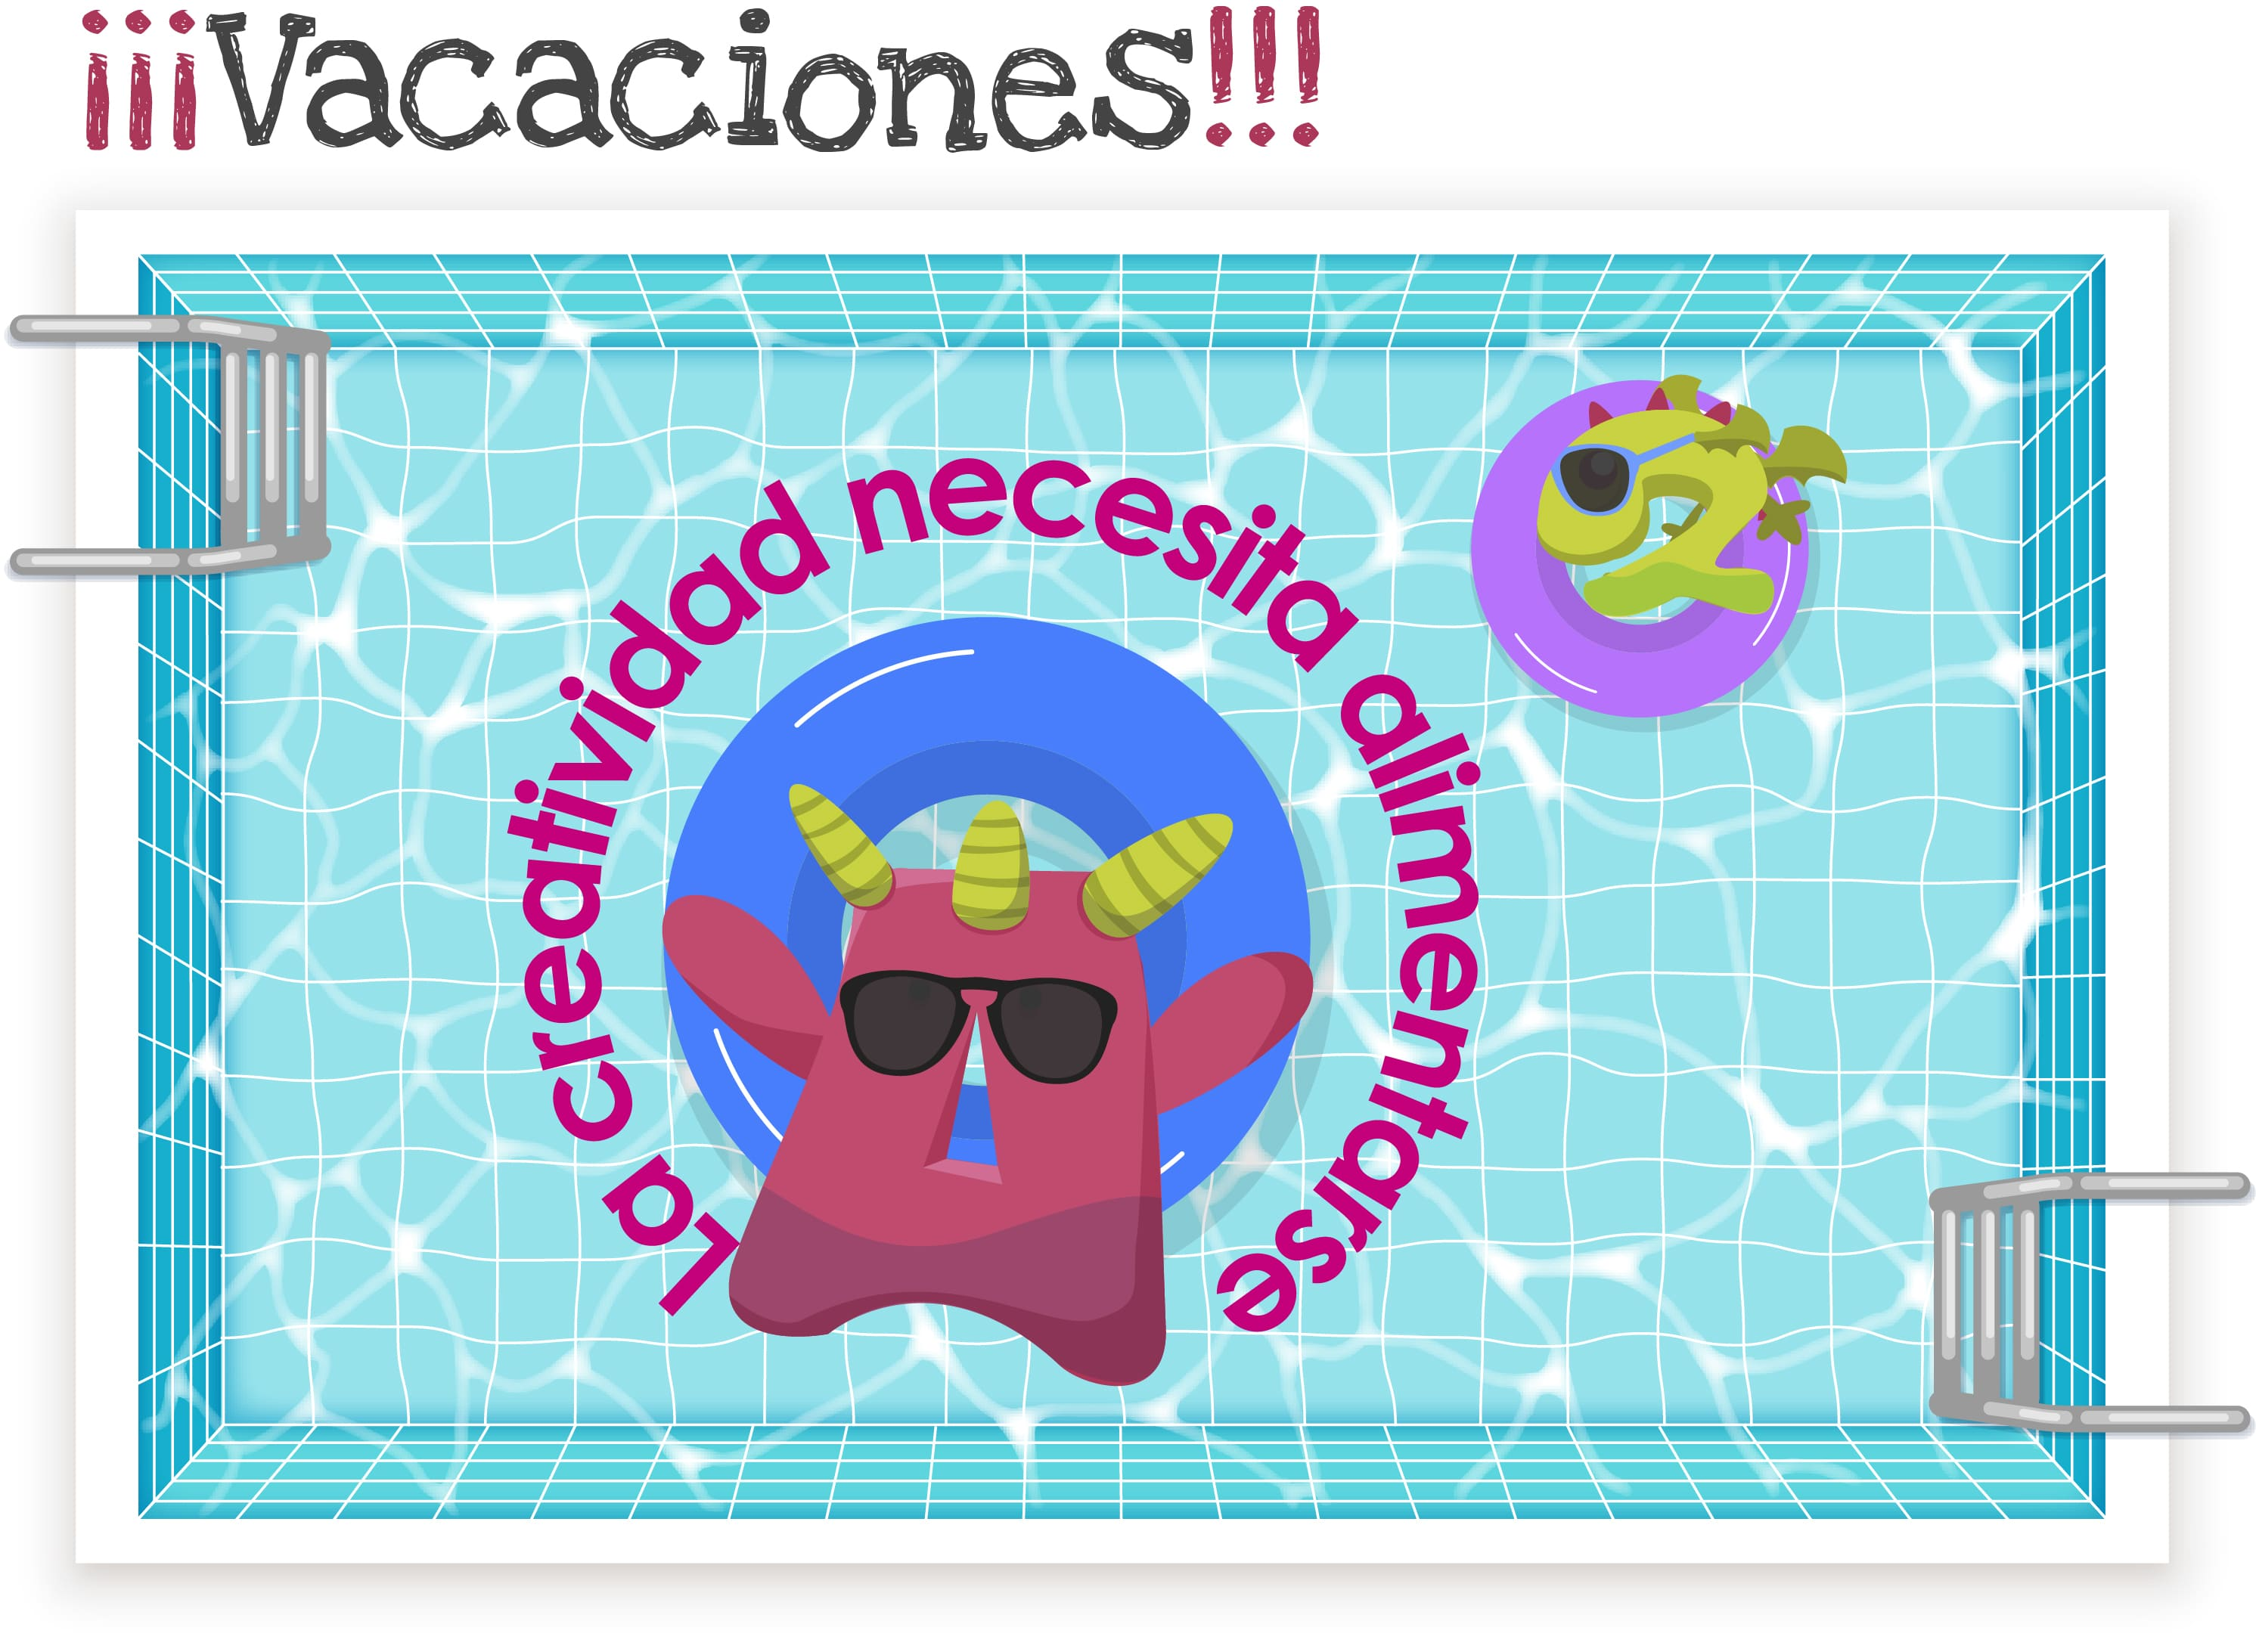 diseño y creatividad de vacaciones